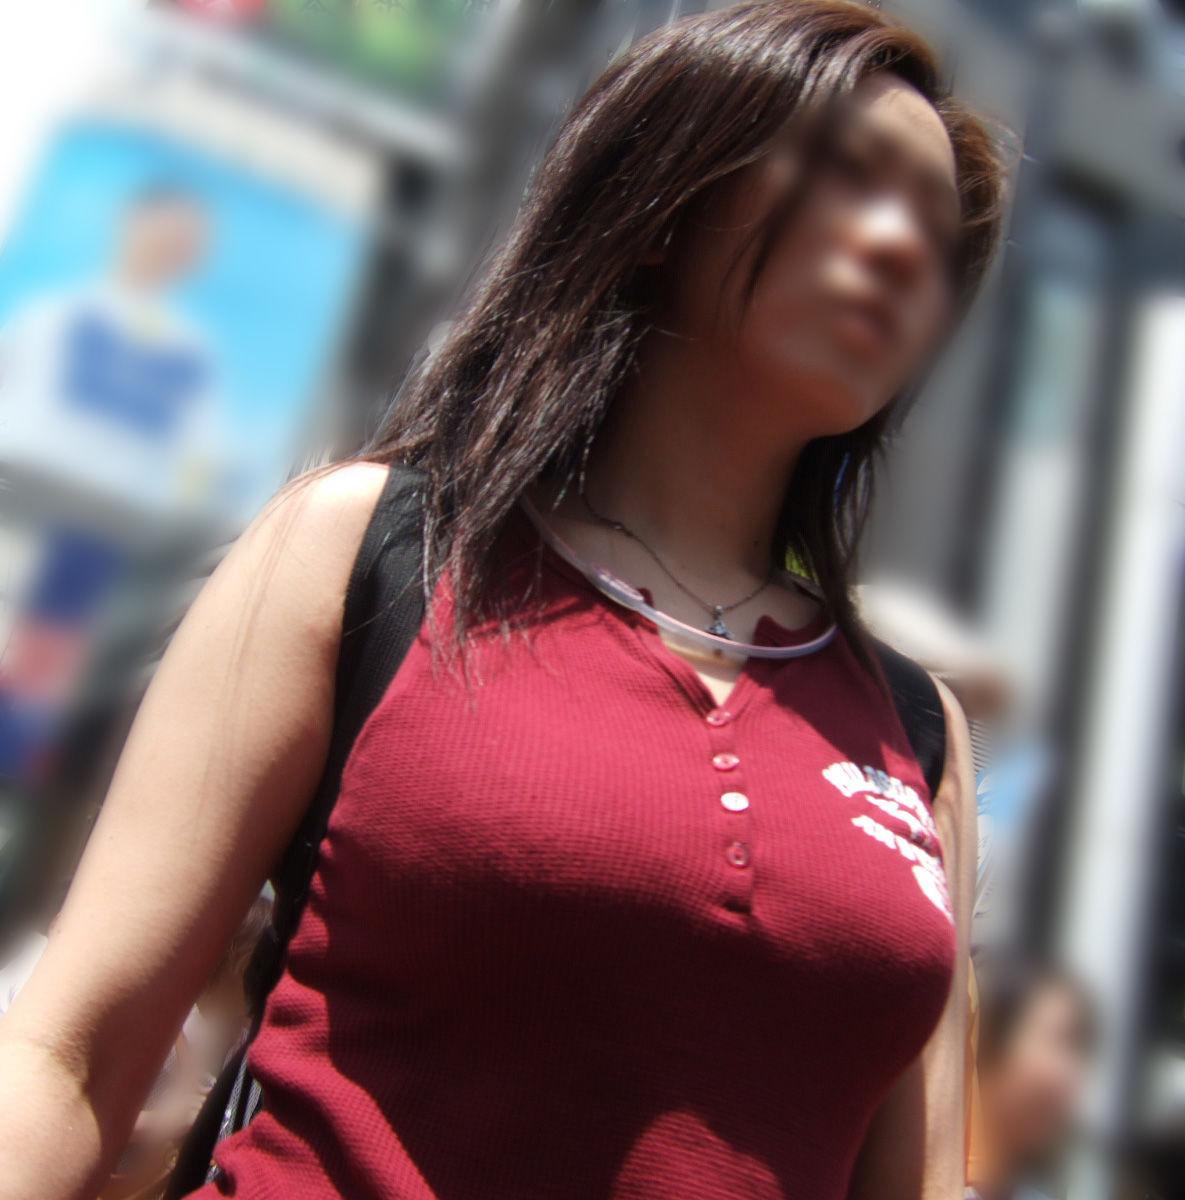 【巨乳エロ画像】その胸は原石!?まだ無名の巨乳持ちは街のいずこかにwww 08